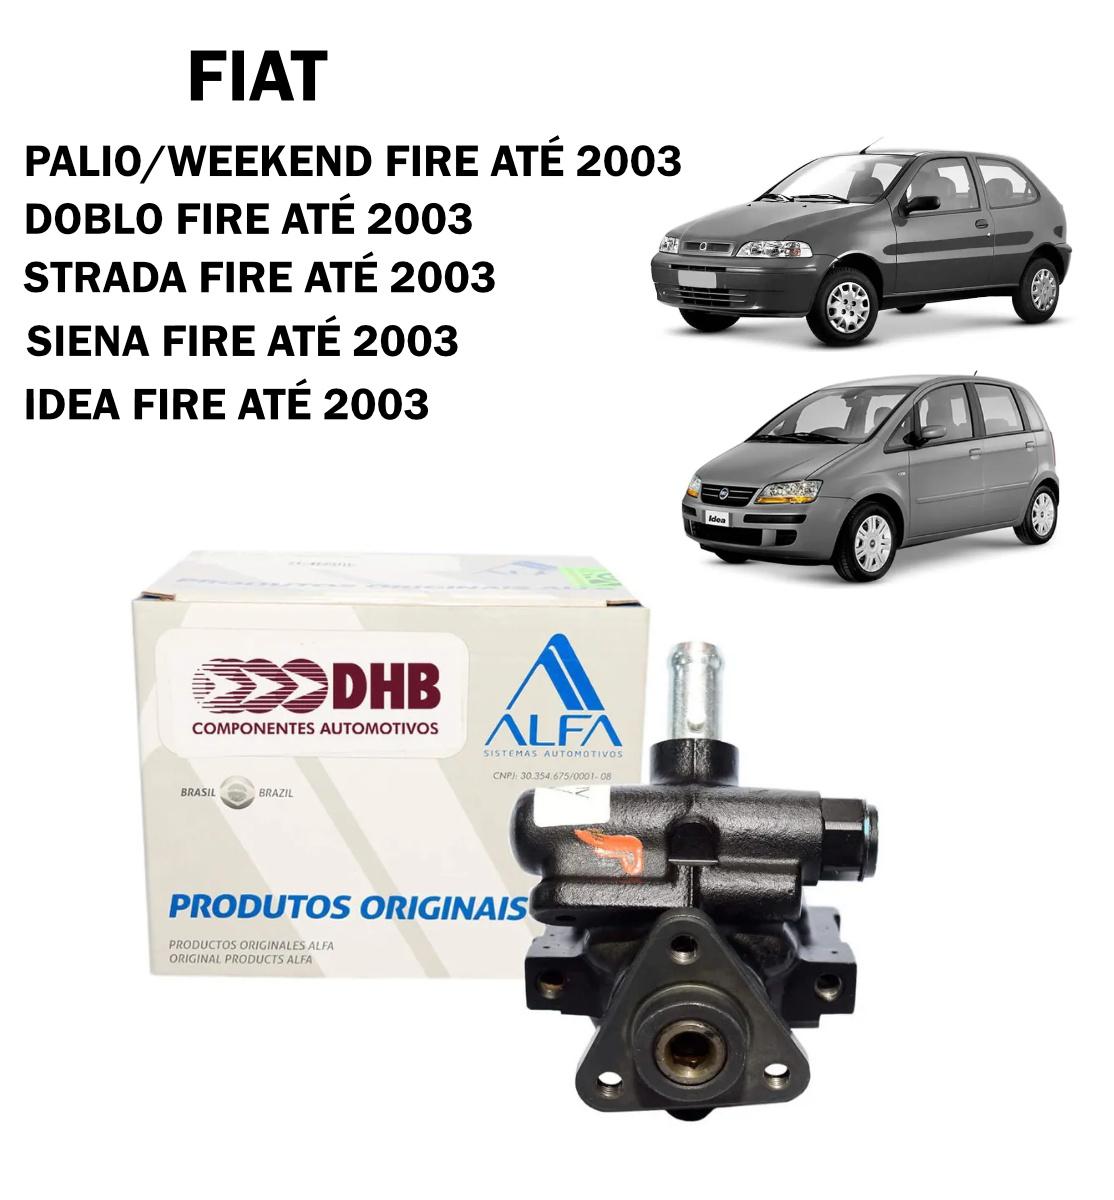 Bomba Direção Hidráulica DHB Palio Fire, Idea Fire, Doblo Fire até 2003